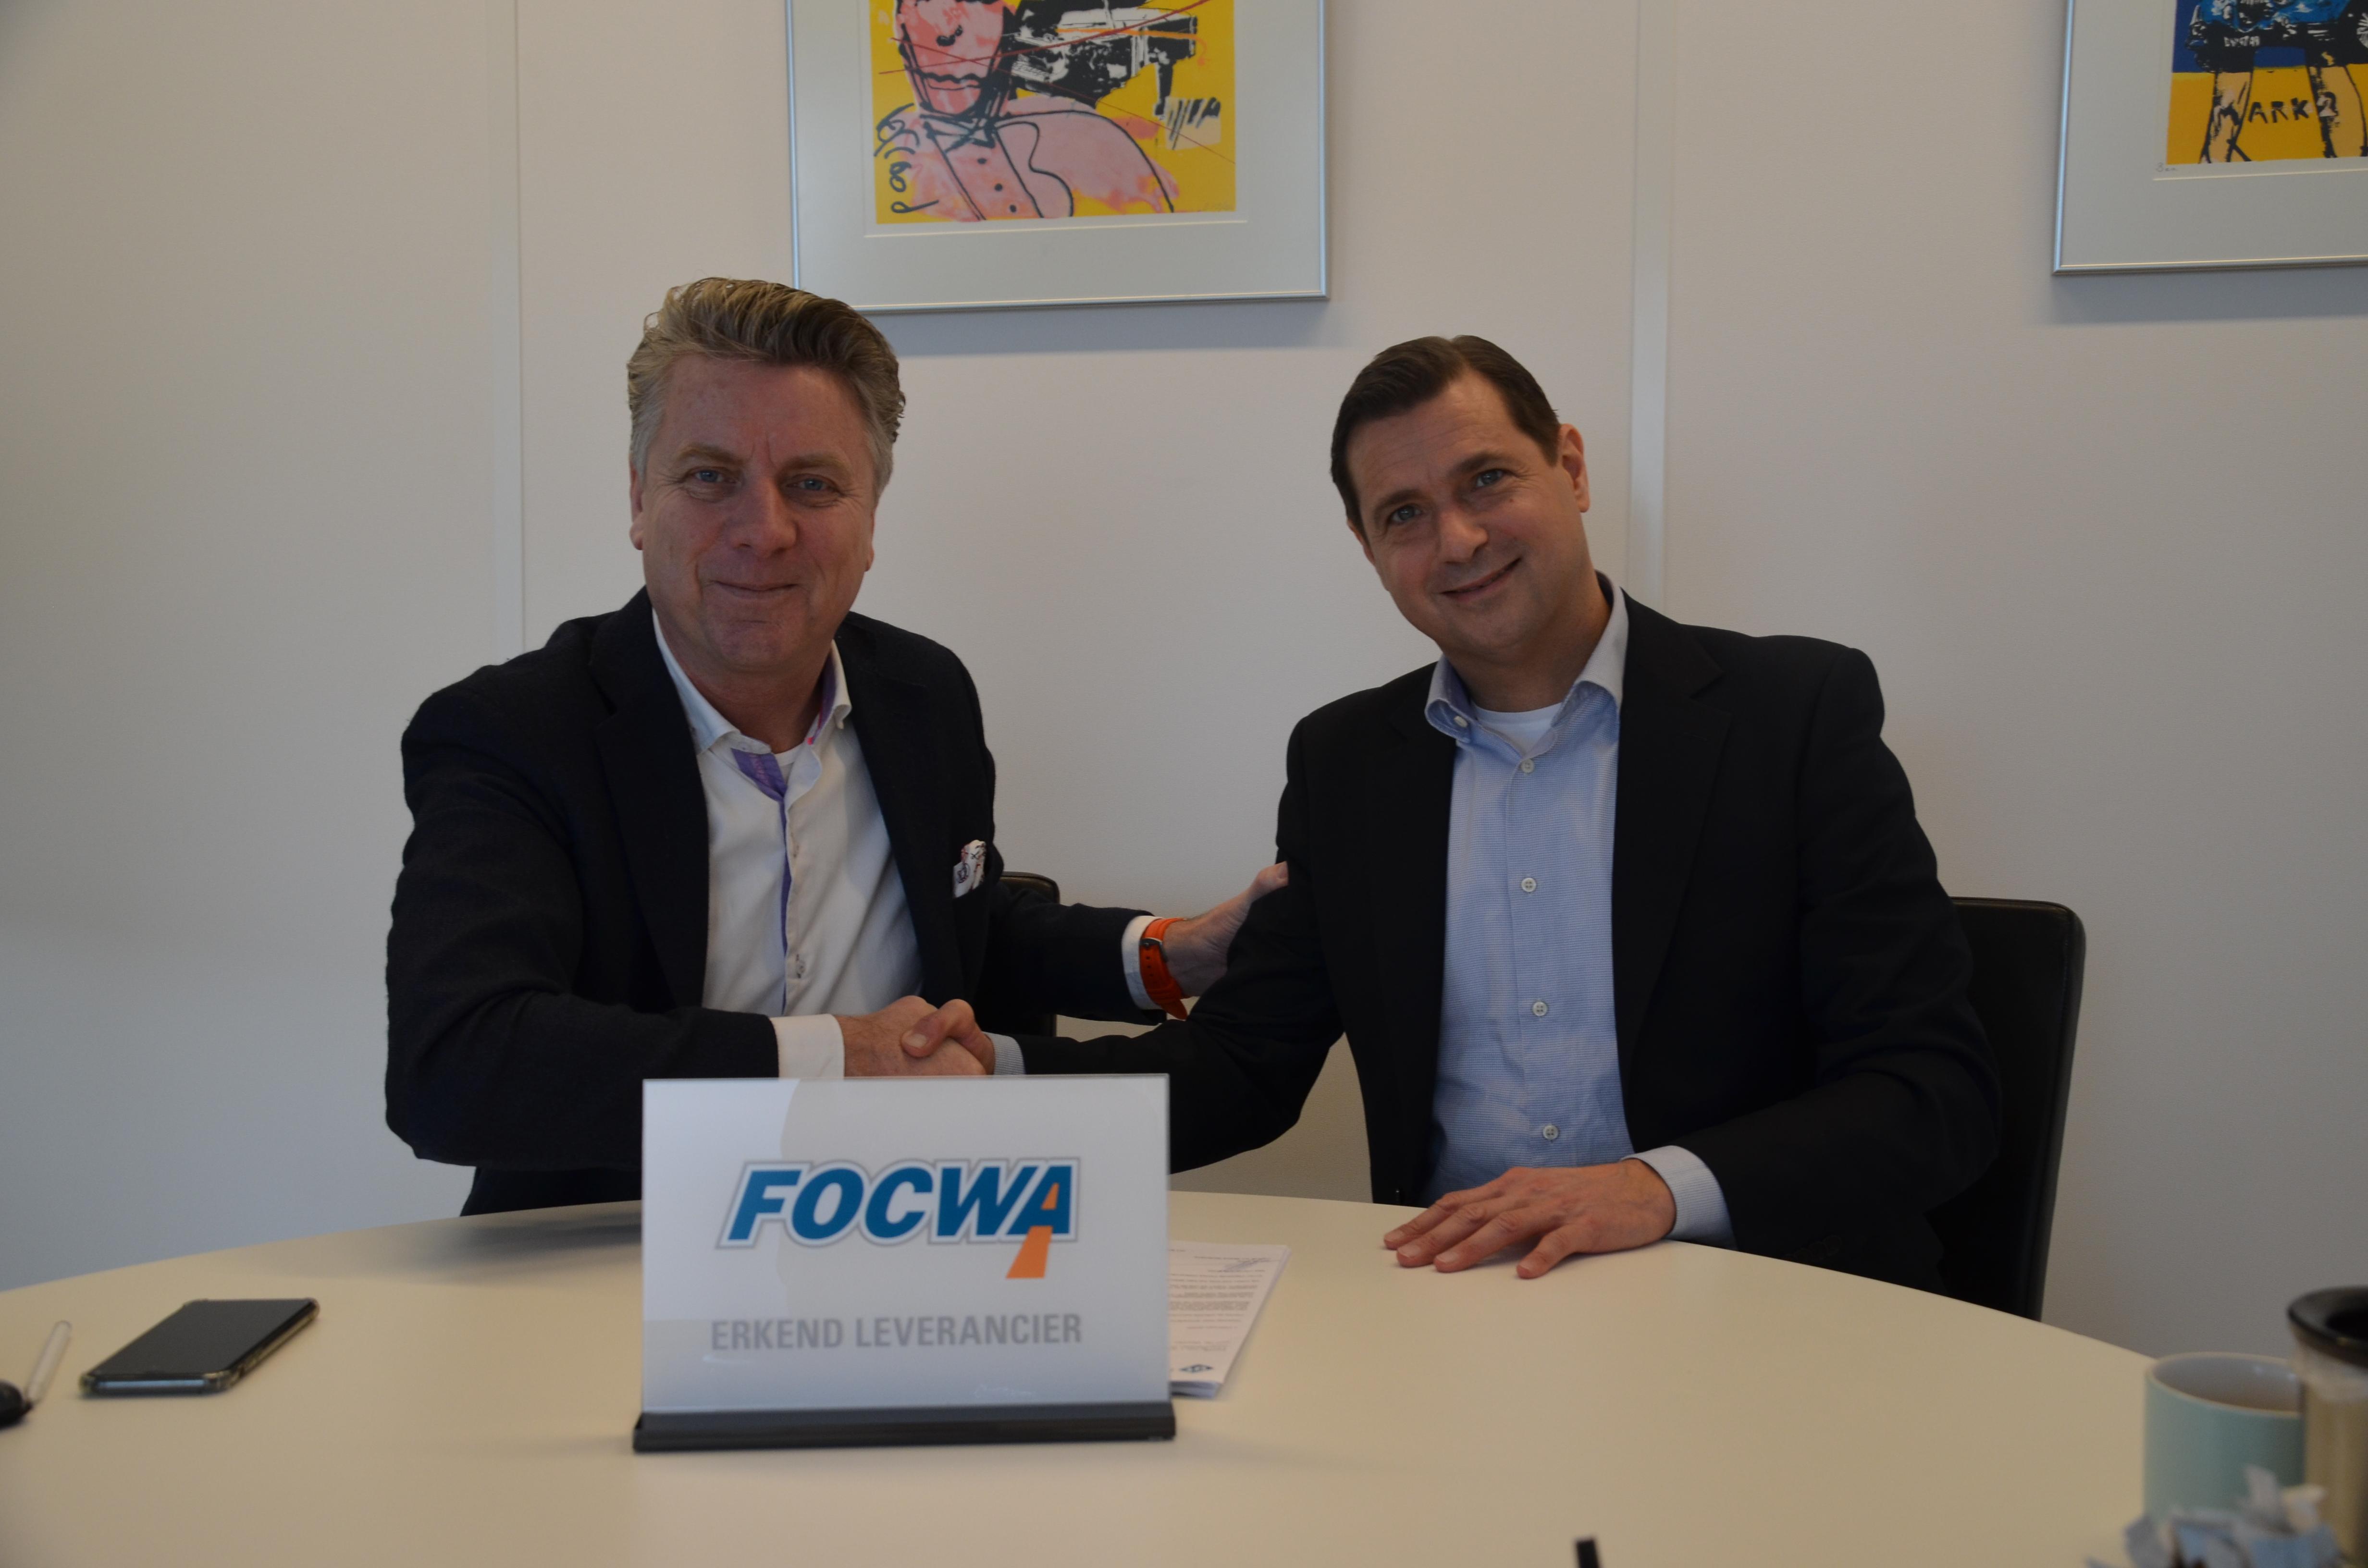 CarCuSol, de distributeur van GT Motive aangesloten bij FOCWA